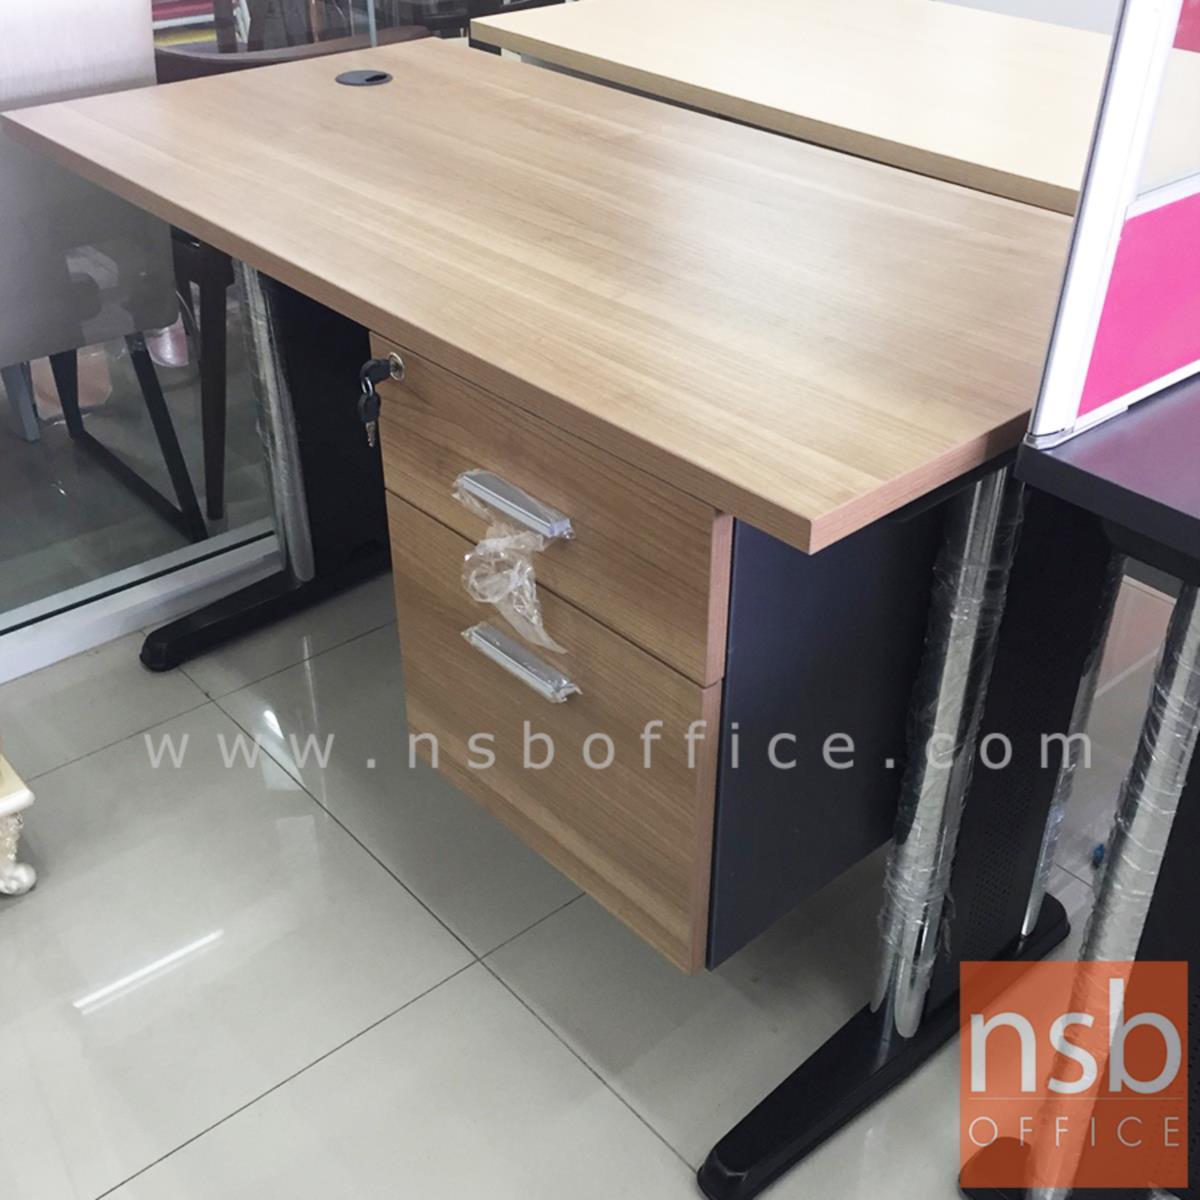 โต๊ะทำงาน 2 ลิ้นชัก  120W, 135W, 150W, 180W (75D, 80D) cm. บังตาไม้ ขาเหล็กตัวแอล